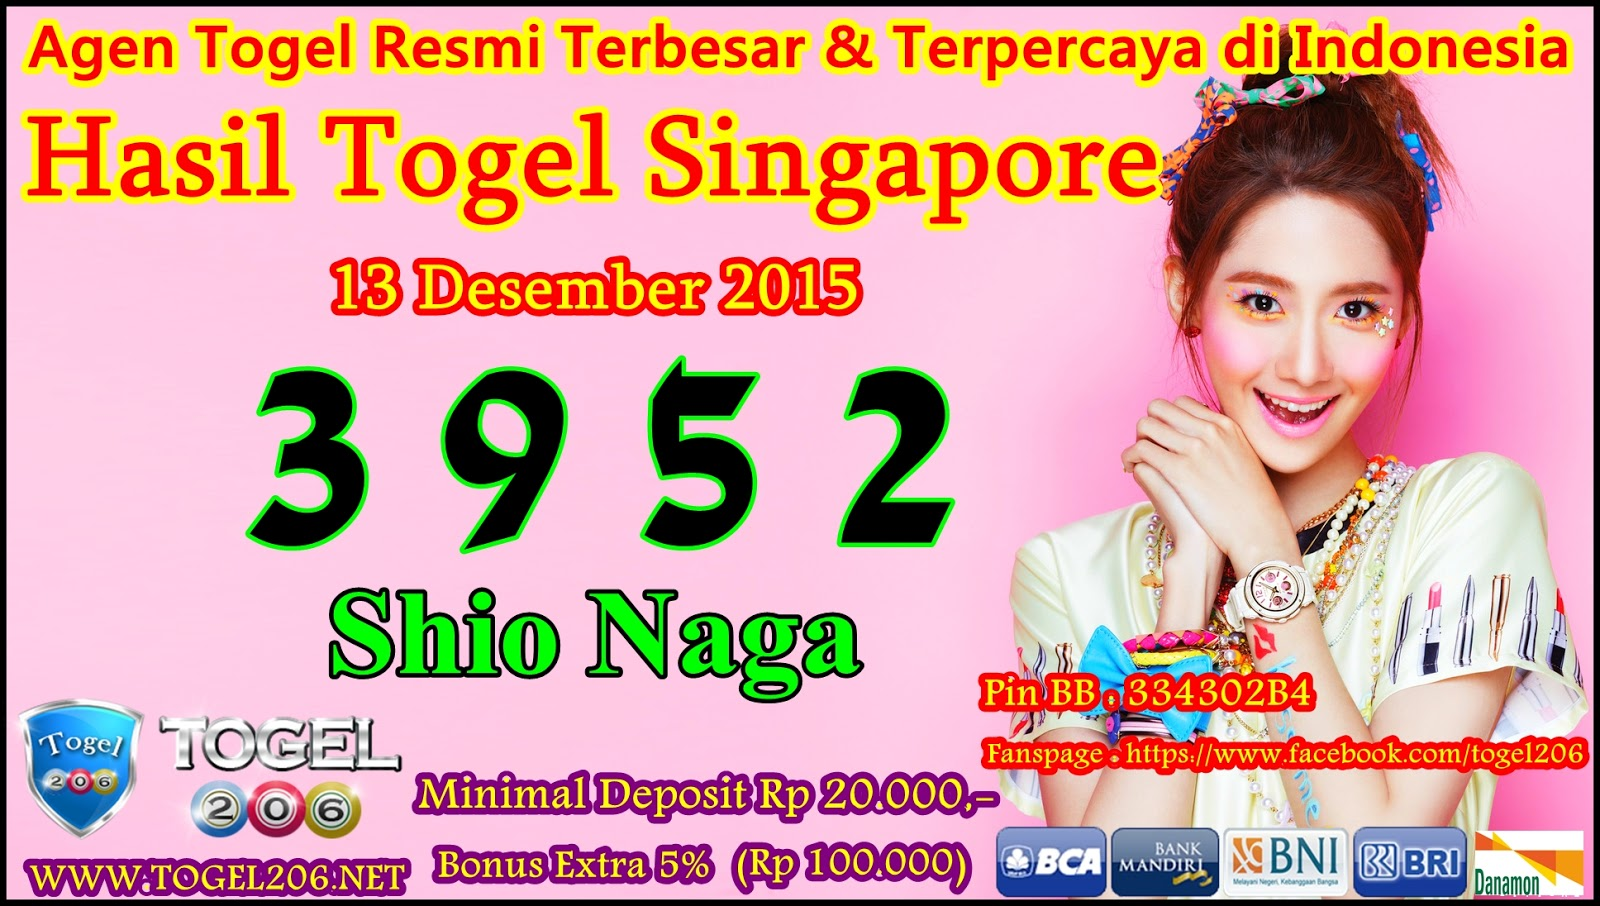 """"""" Hasil Togel SINGAPORE Minggu 13 Desember 2015 """" ~ Nomor 206"""